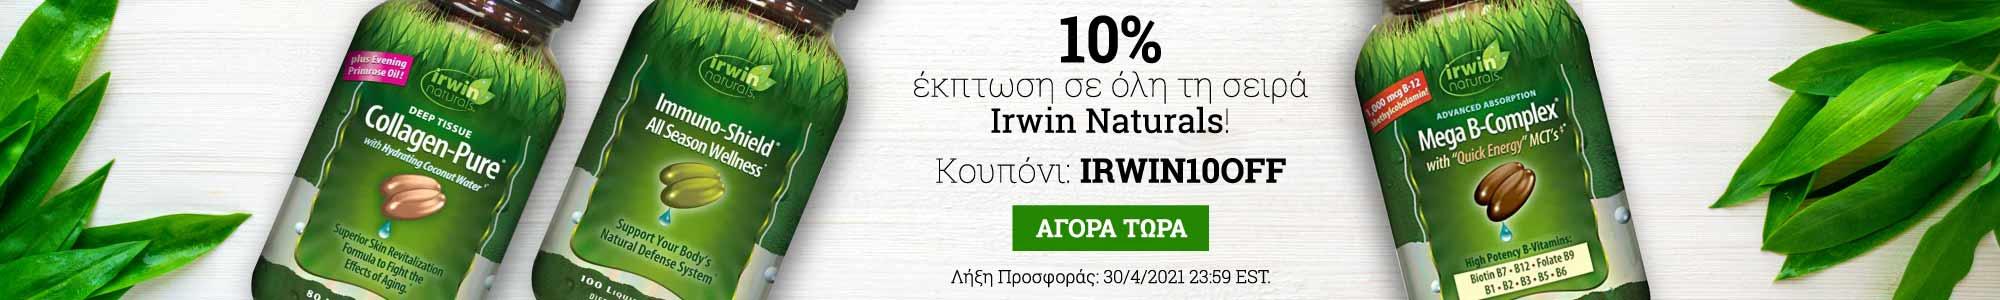 10% Έκπτωση σε όλη τη σειρά Irwin Naturals. Κουπόνι: irwin10off Αγορά τώρα. Για περιορισμένο χρονικό διάστημα.